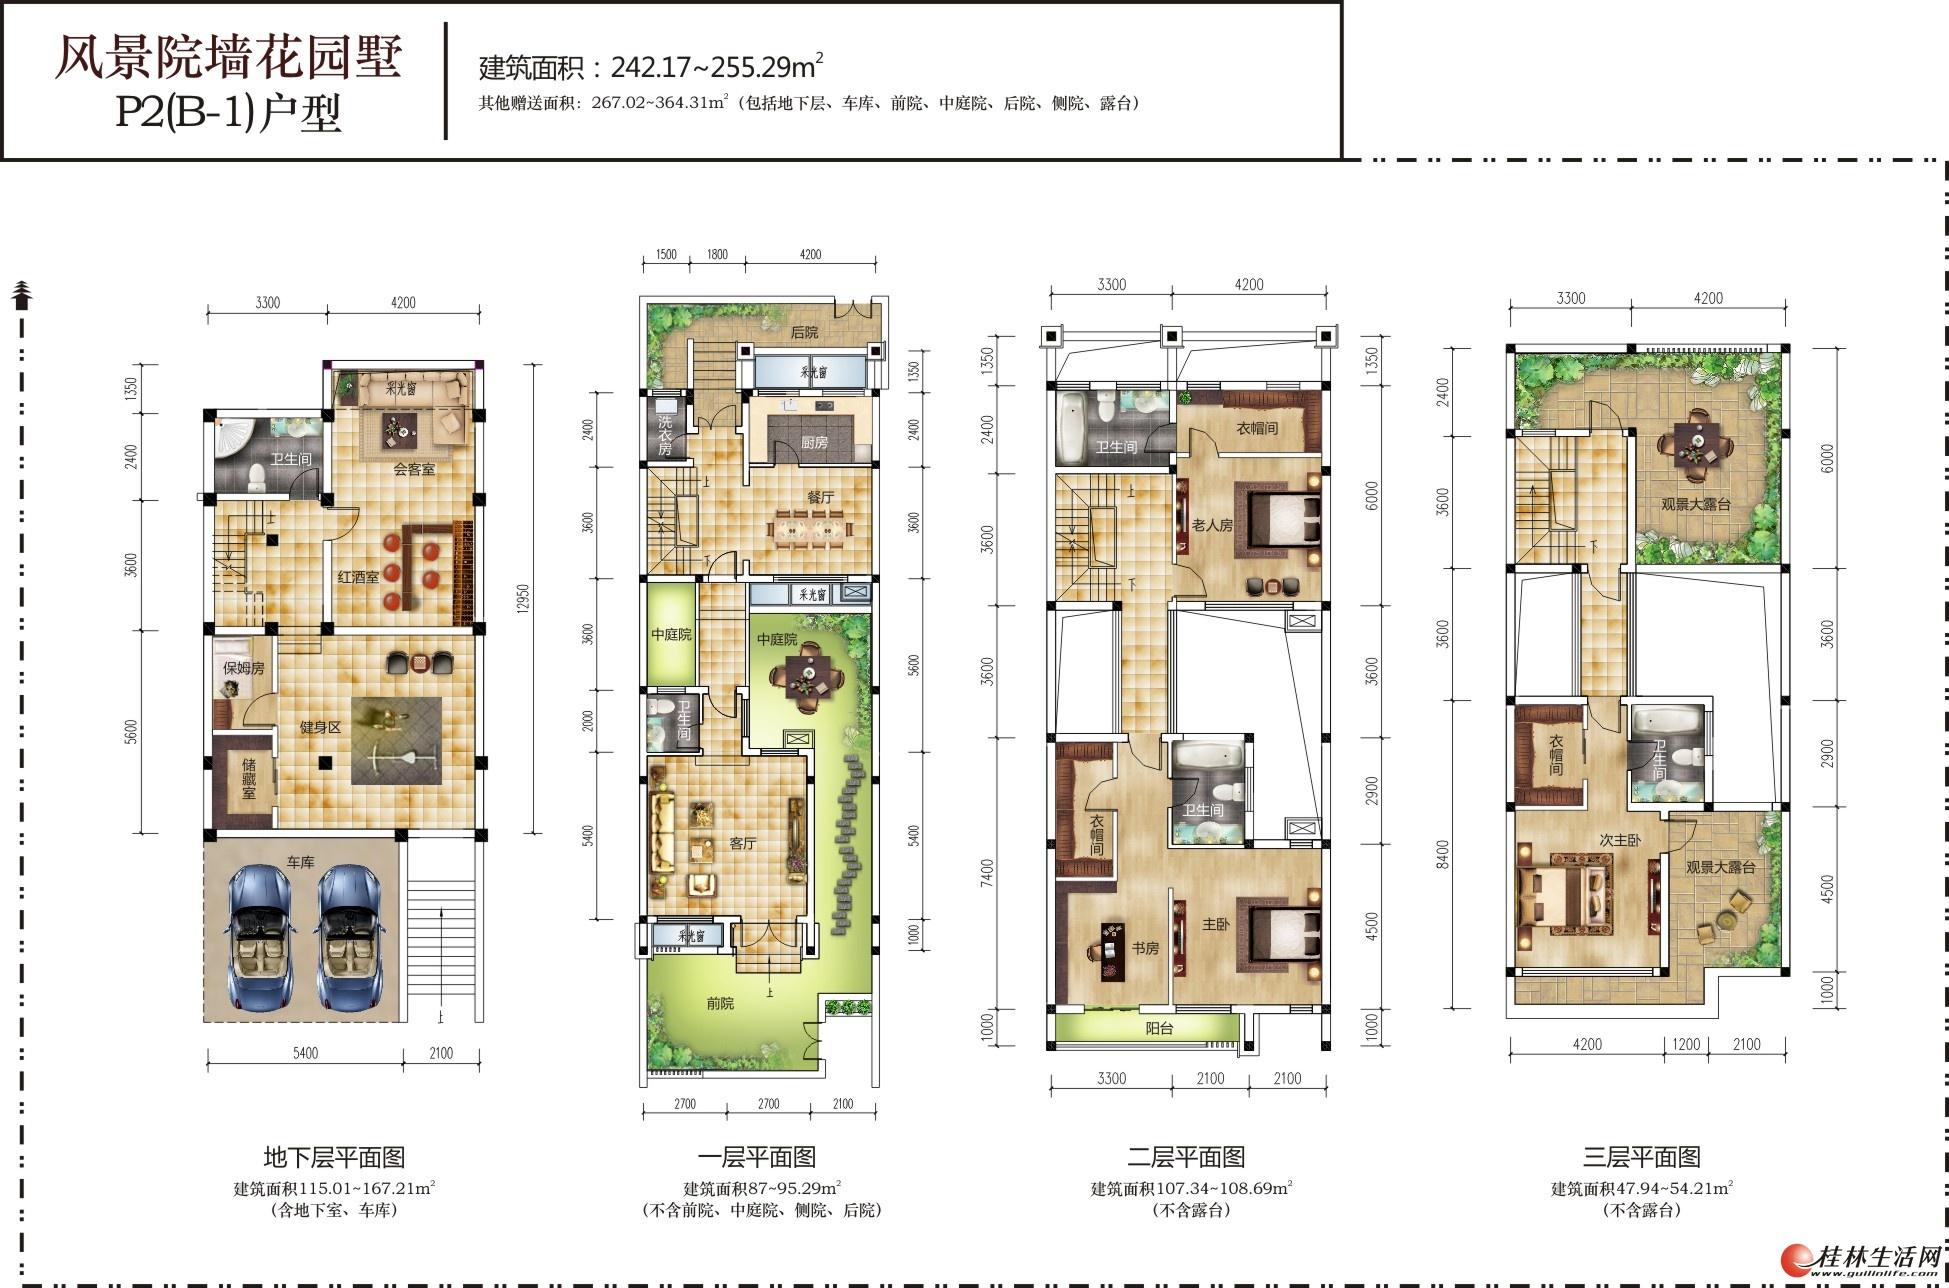 P2(B-1)户型 风景院墙花园墅 242.17-255.29㎡